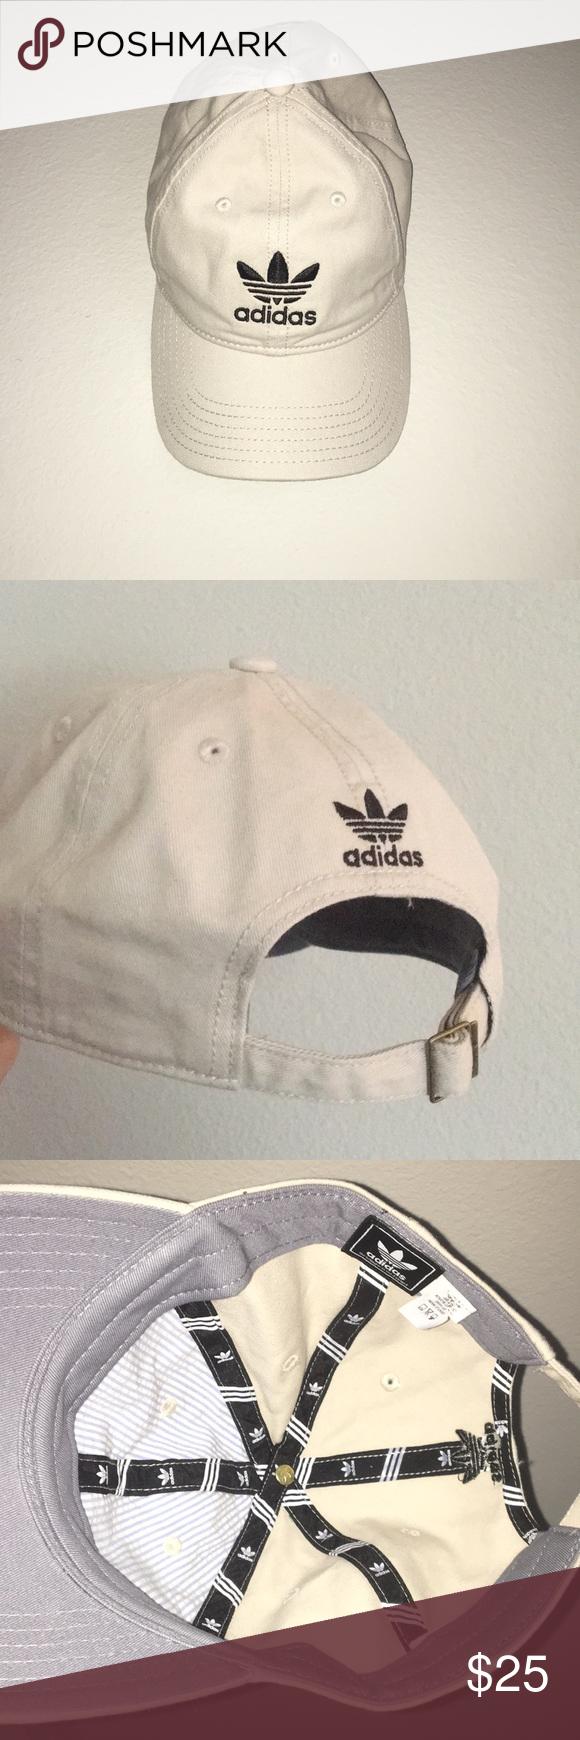 Adidas Original Hat   Strapback  Dad Cap Very clean. Classic dad cap 9405c4205